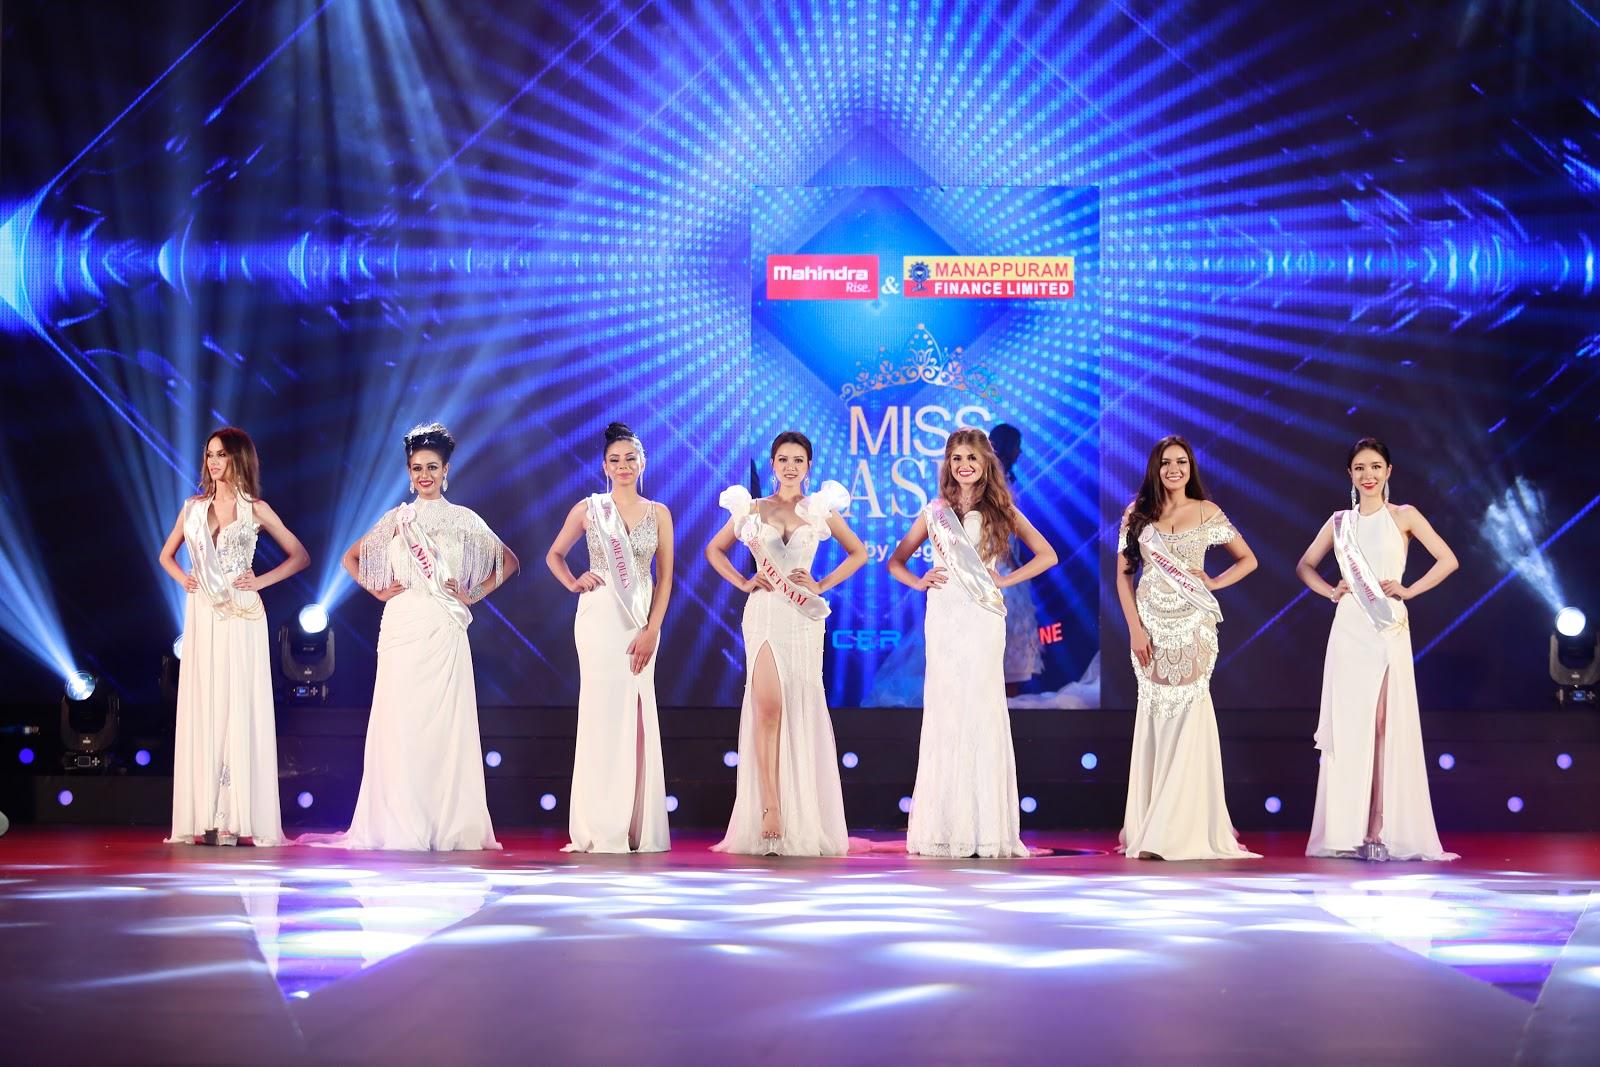 Thêm một người đẹp Việt đăng quang cuộc thi nhan sắc quốc tế, nhiều người ngỡ ngàng - Hình 4